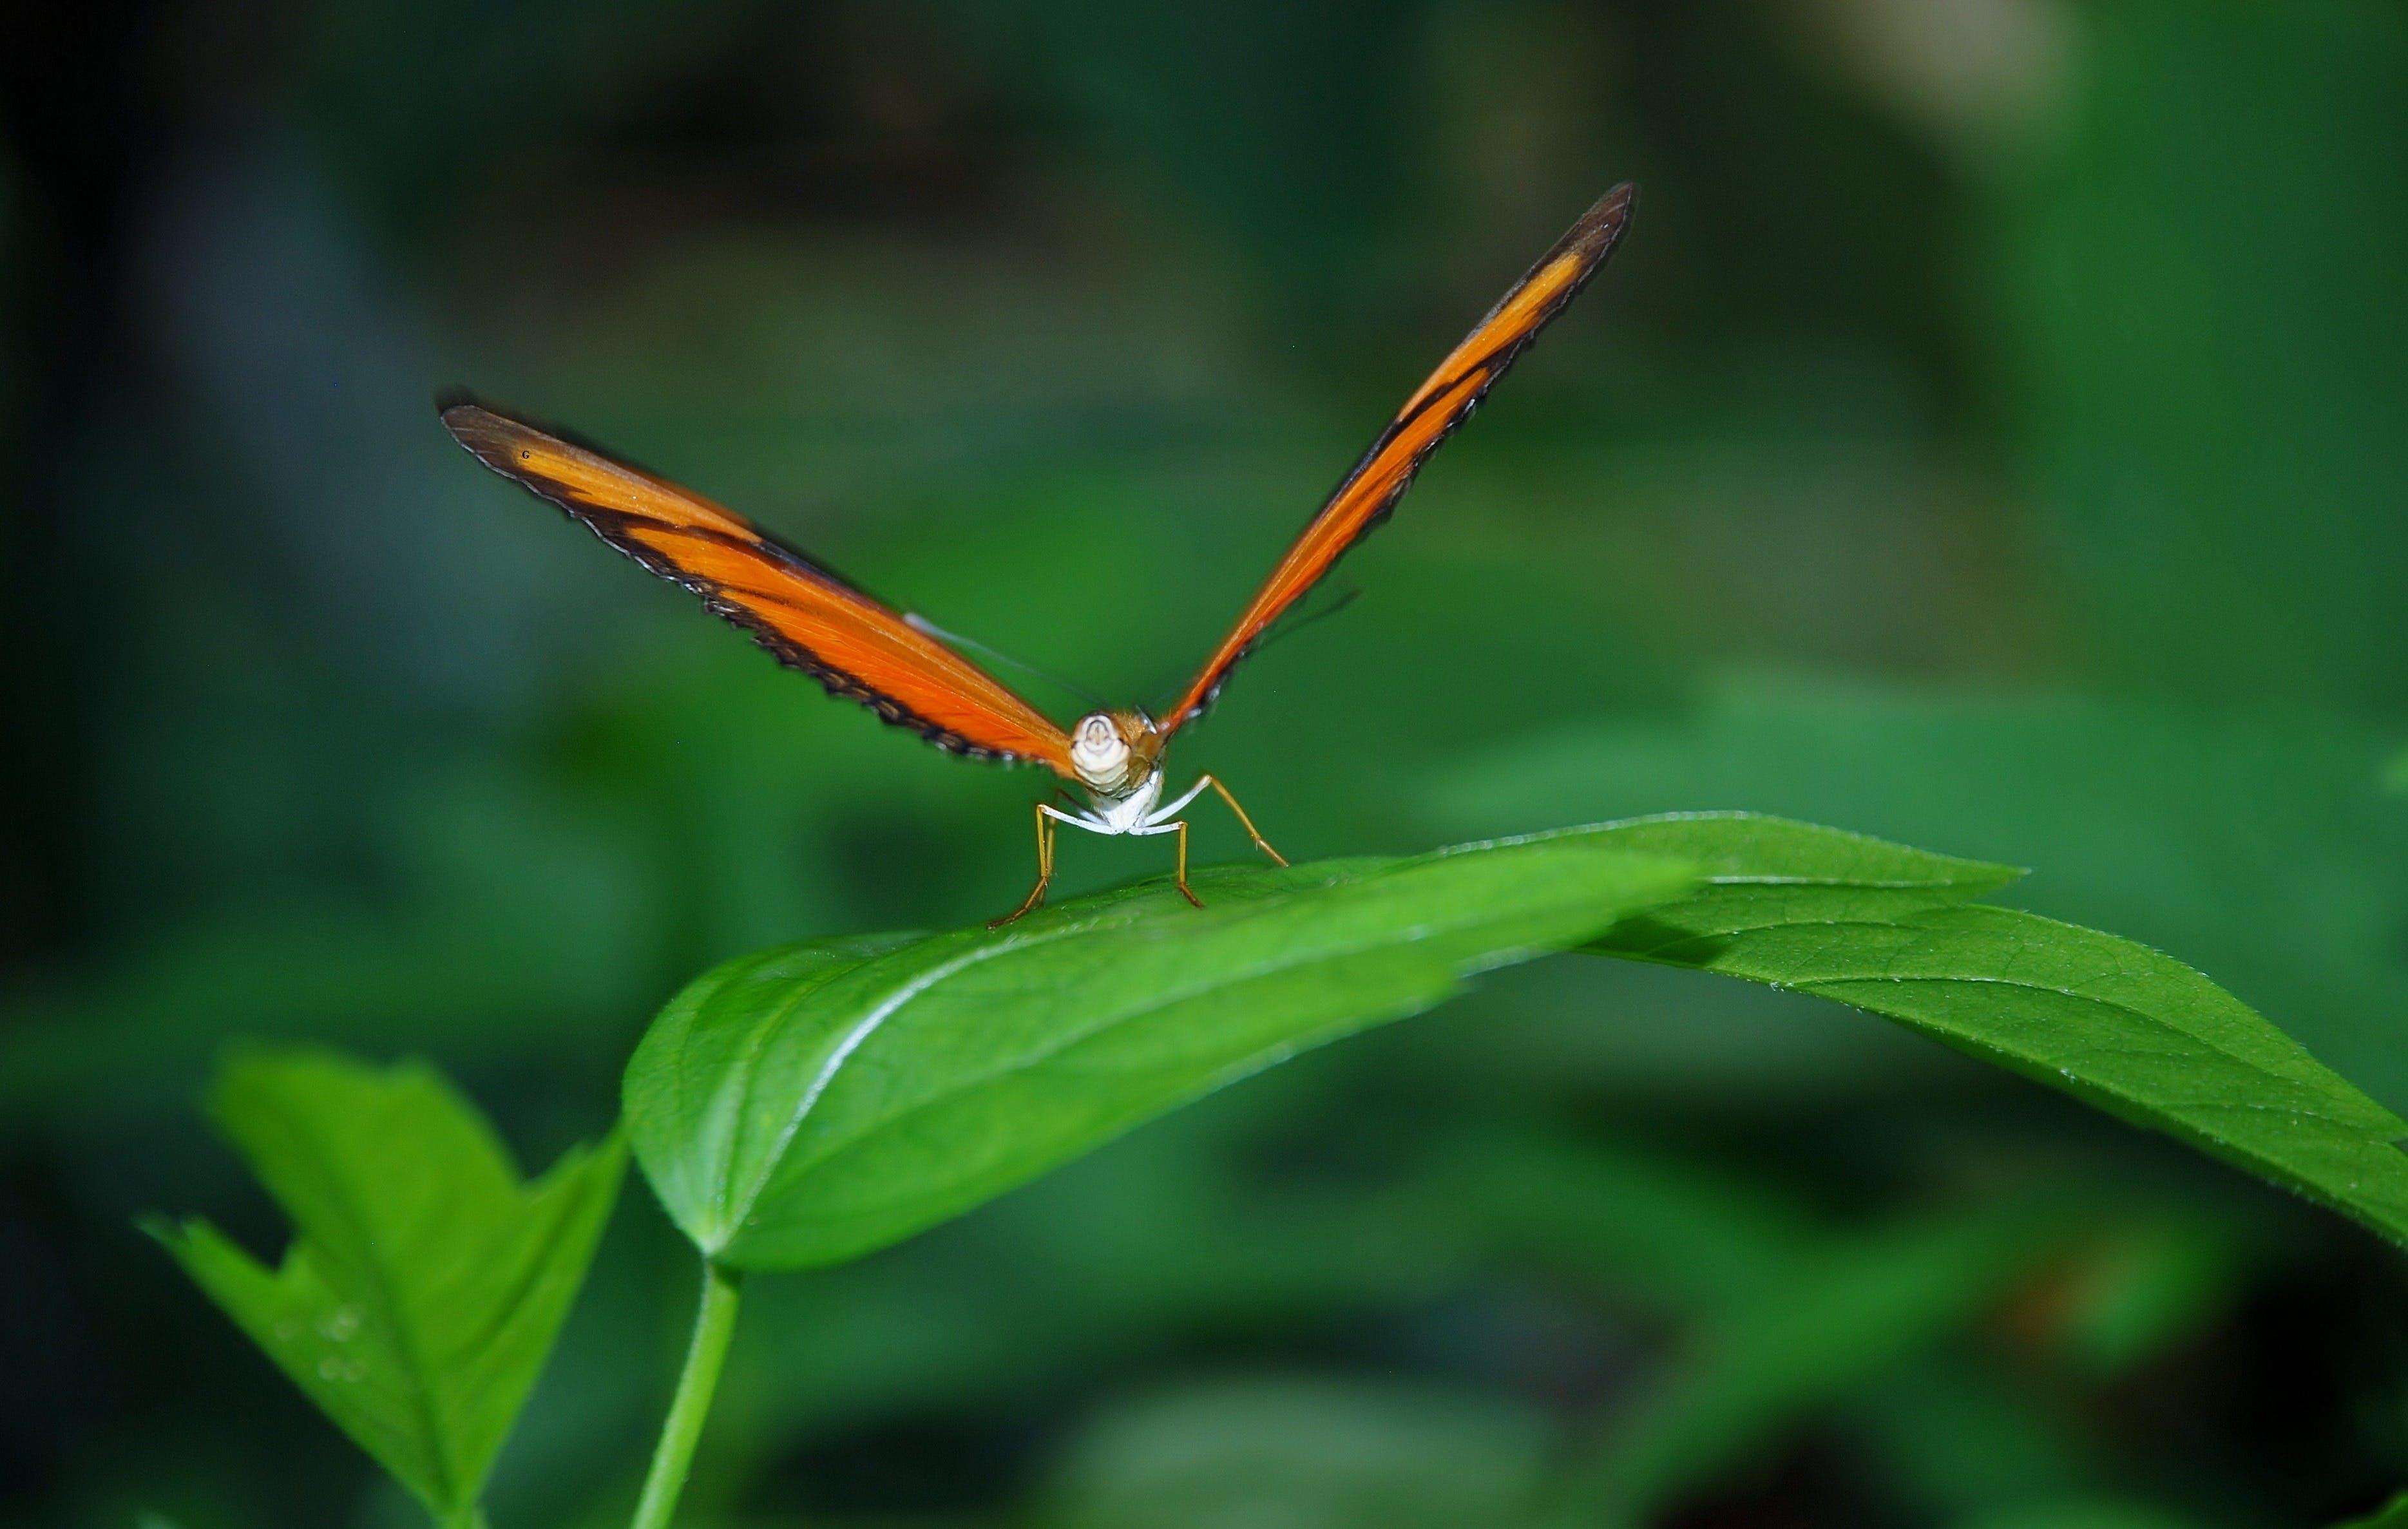 Gratis lagerfoto af insekt, makro, natur, plante